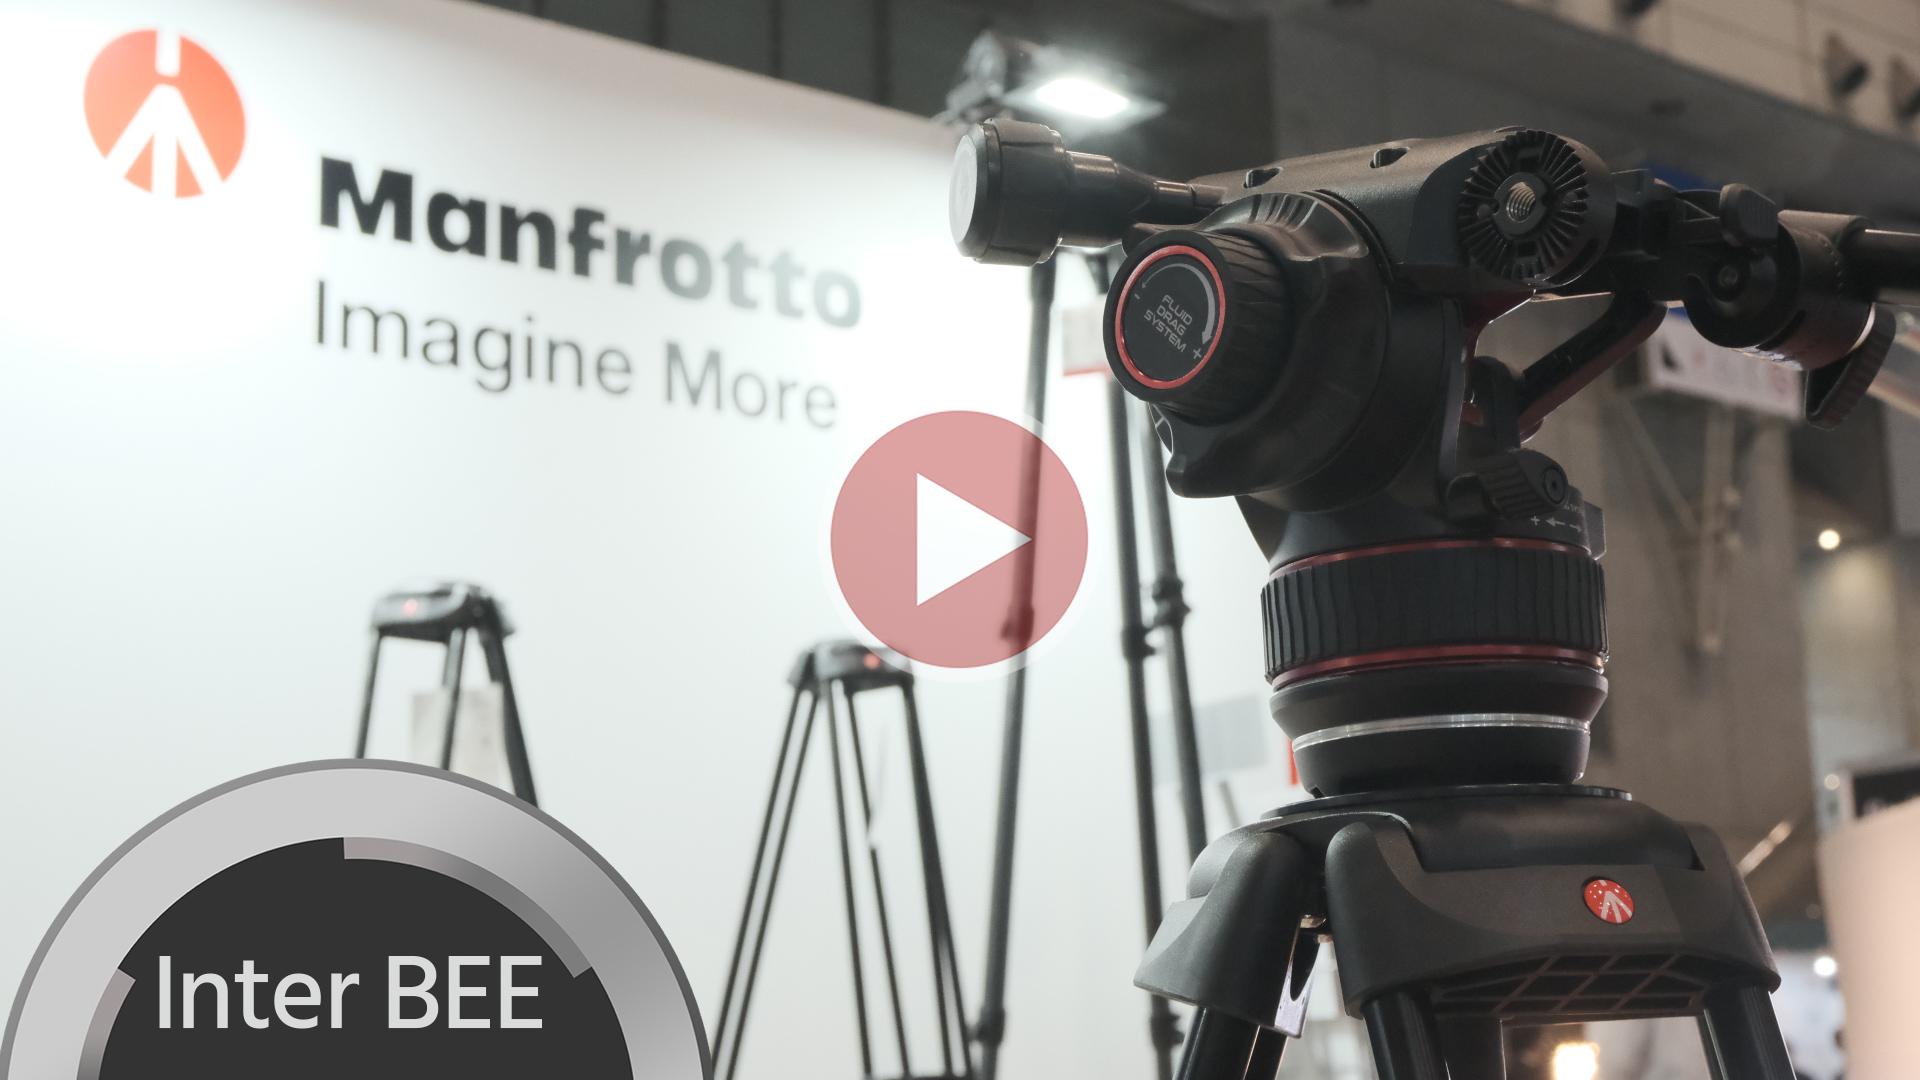 マンフロットが新ナイトロテック三脚をInterBEE2019で初展示